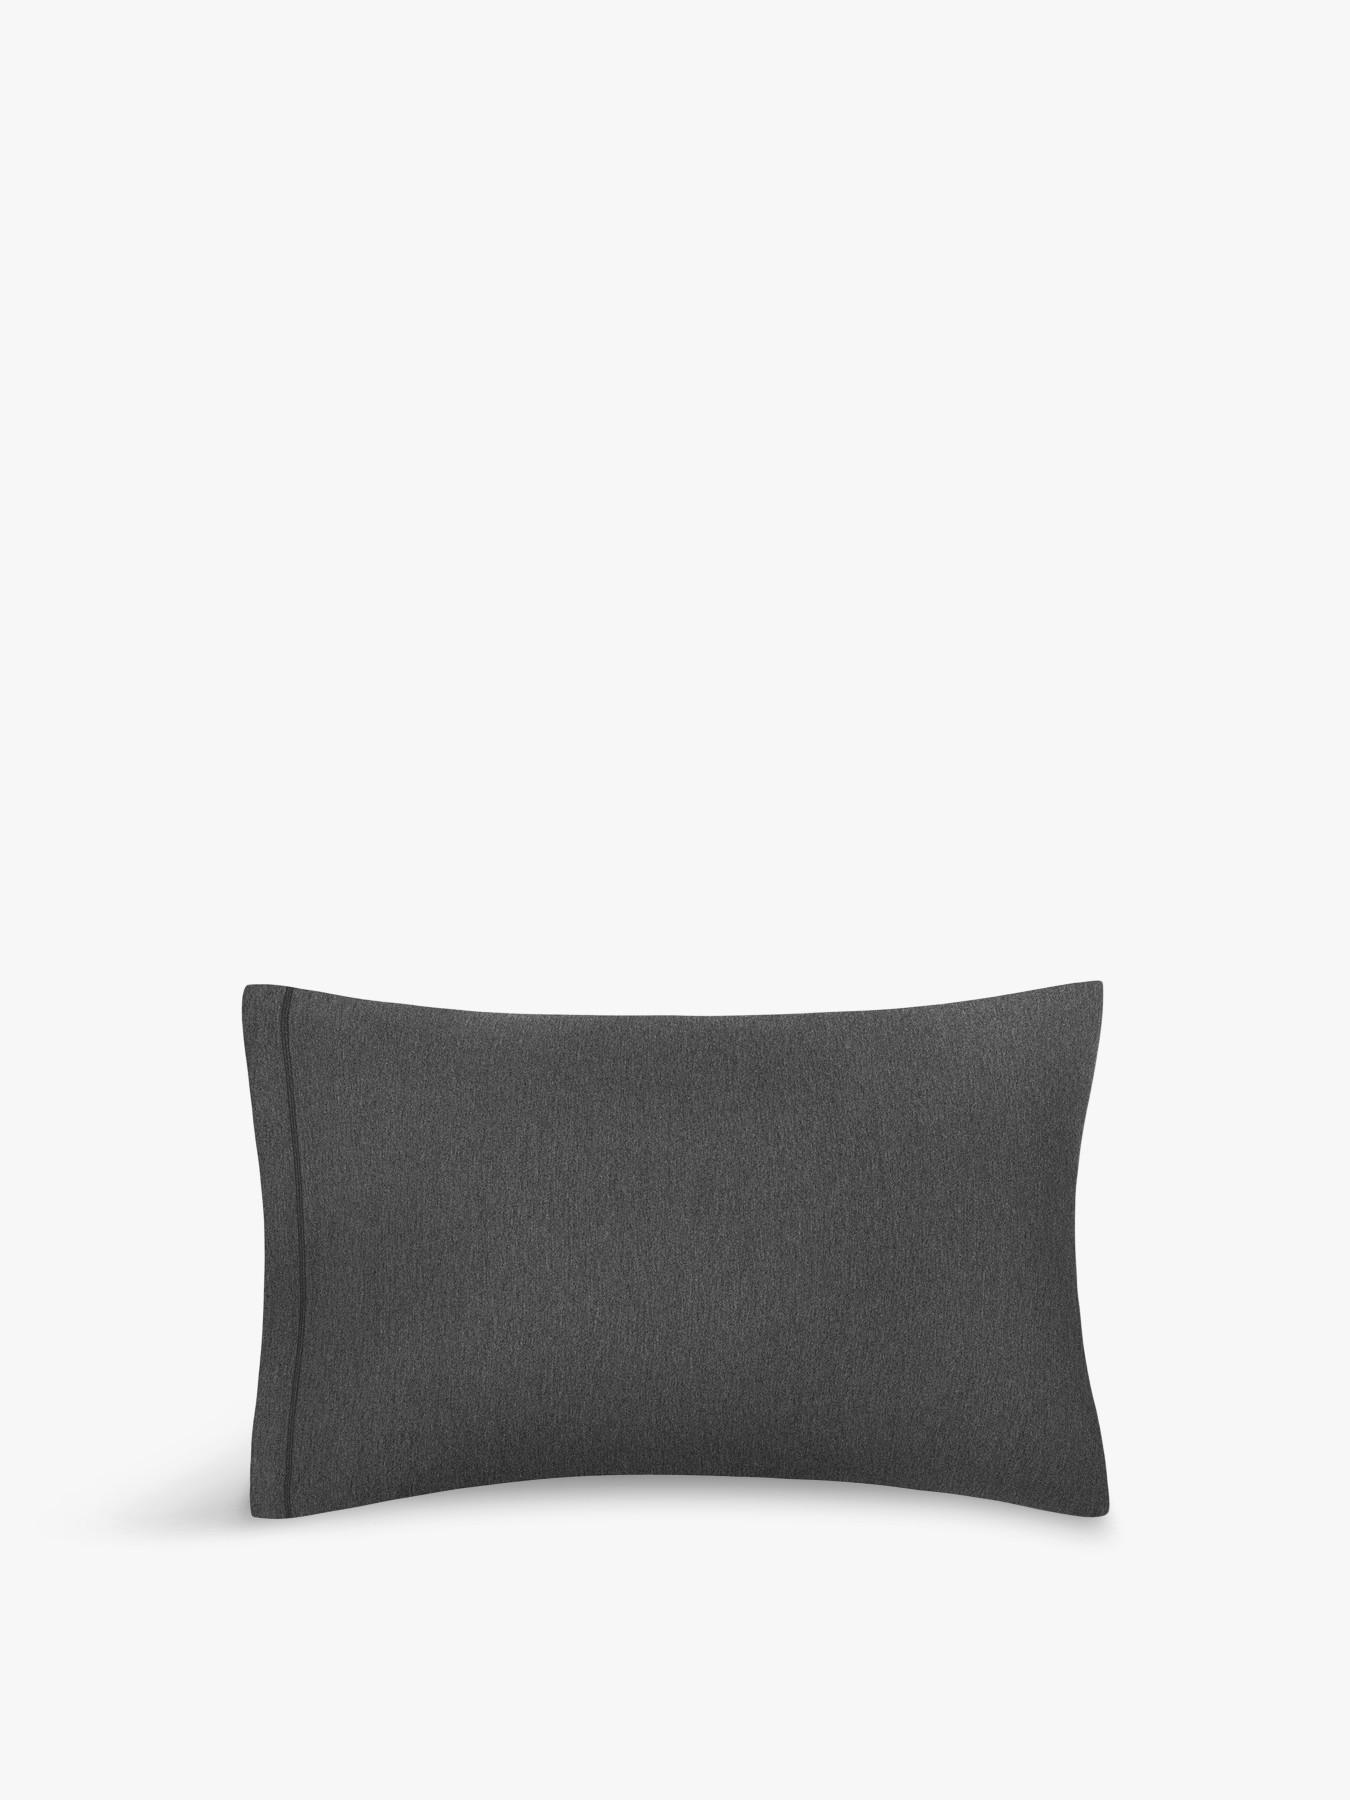 harrison pillowcase pair